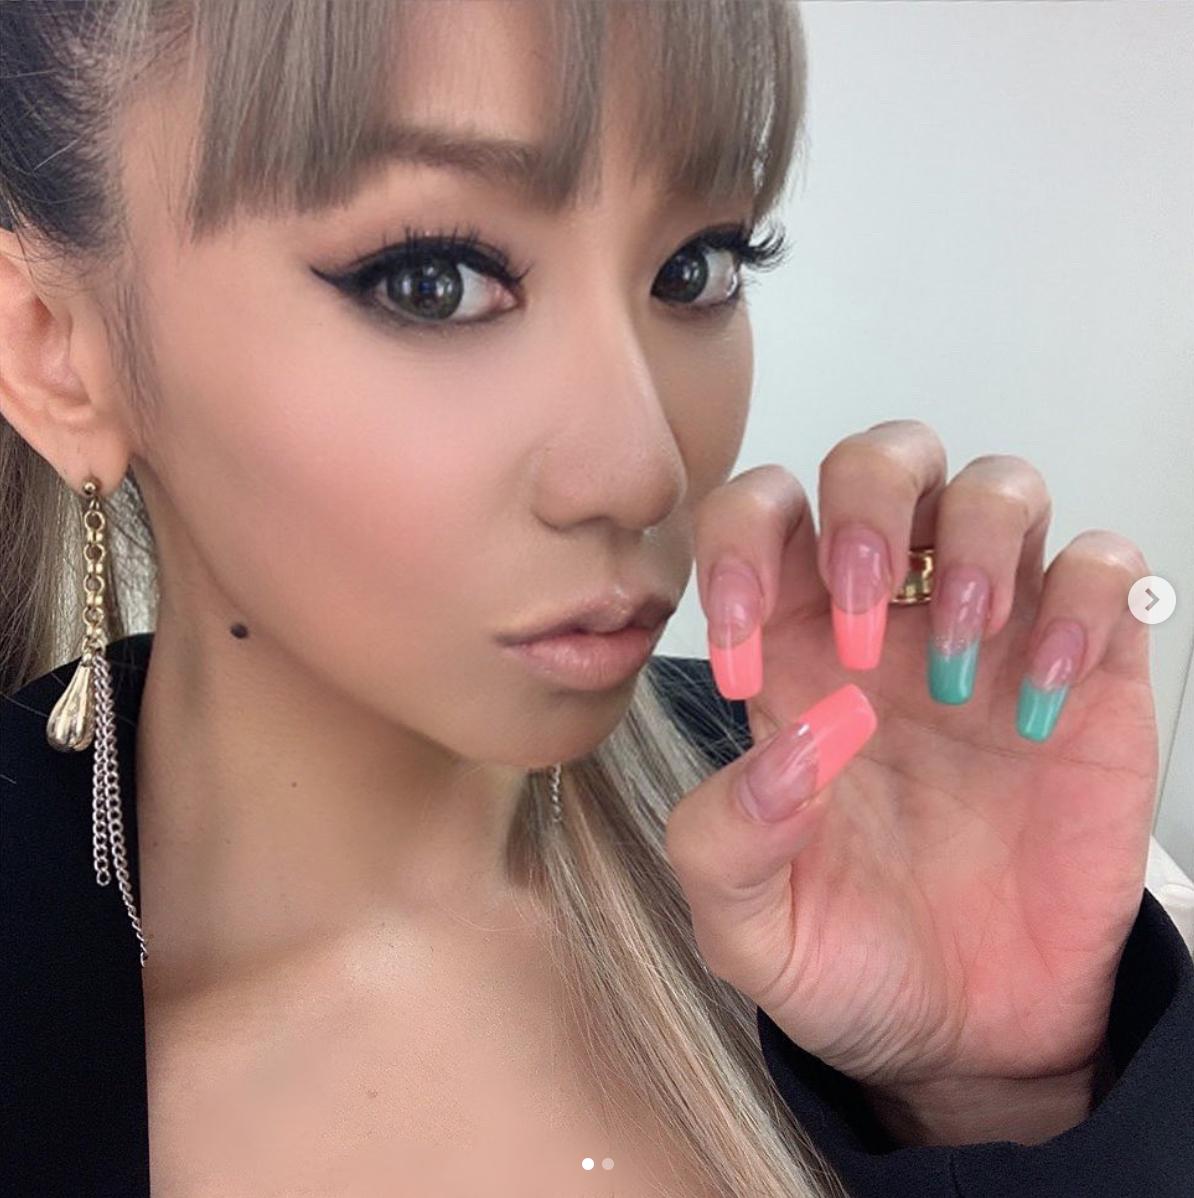 倖田來未、左右カラー違いのネイル見せ自撮りSHOT公開に反響「超可愛い」「参考になります」サムネイル画像